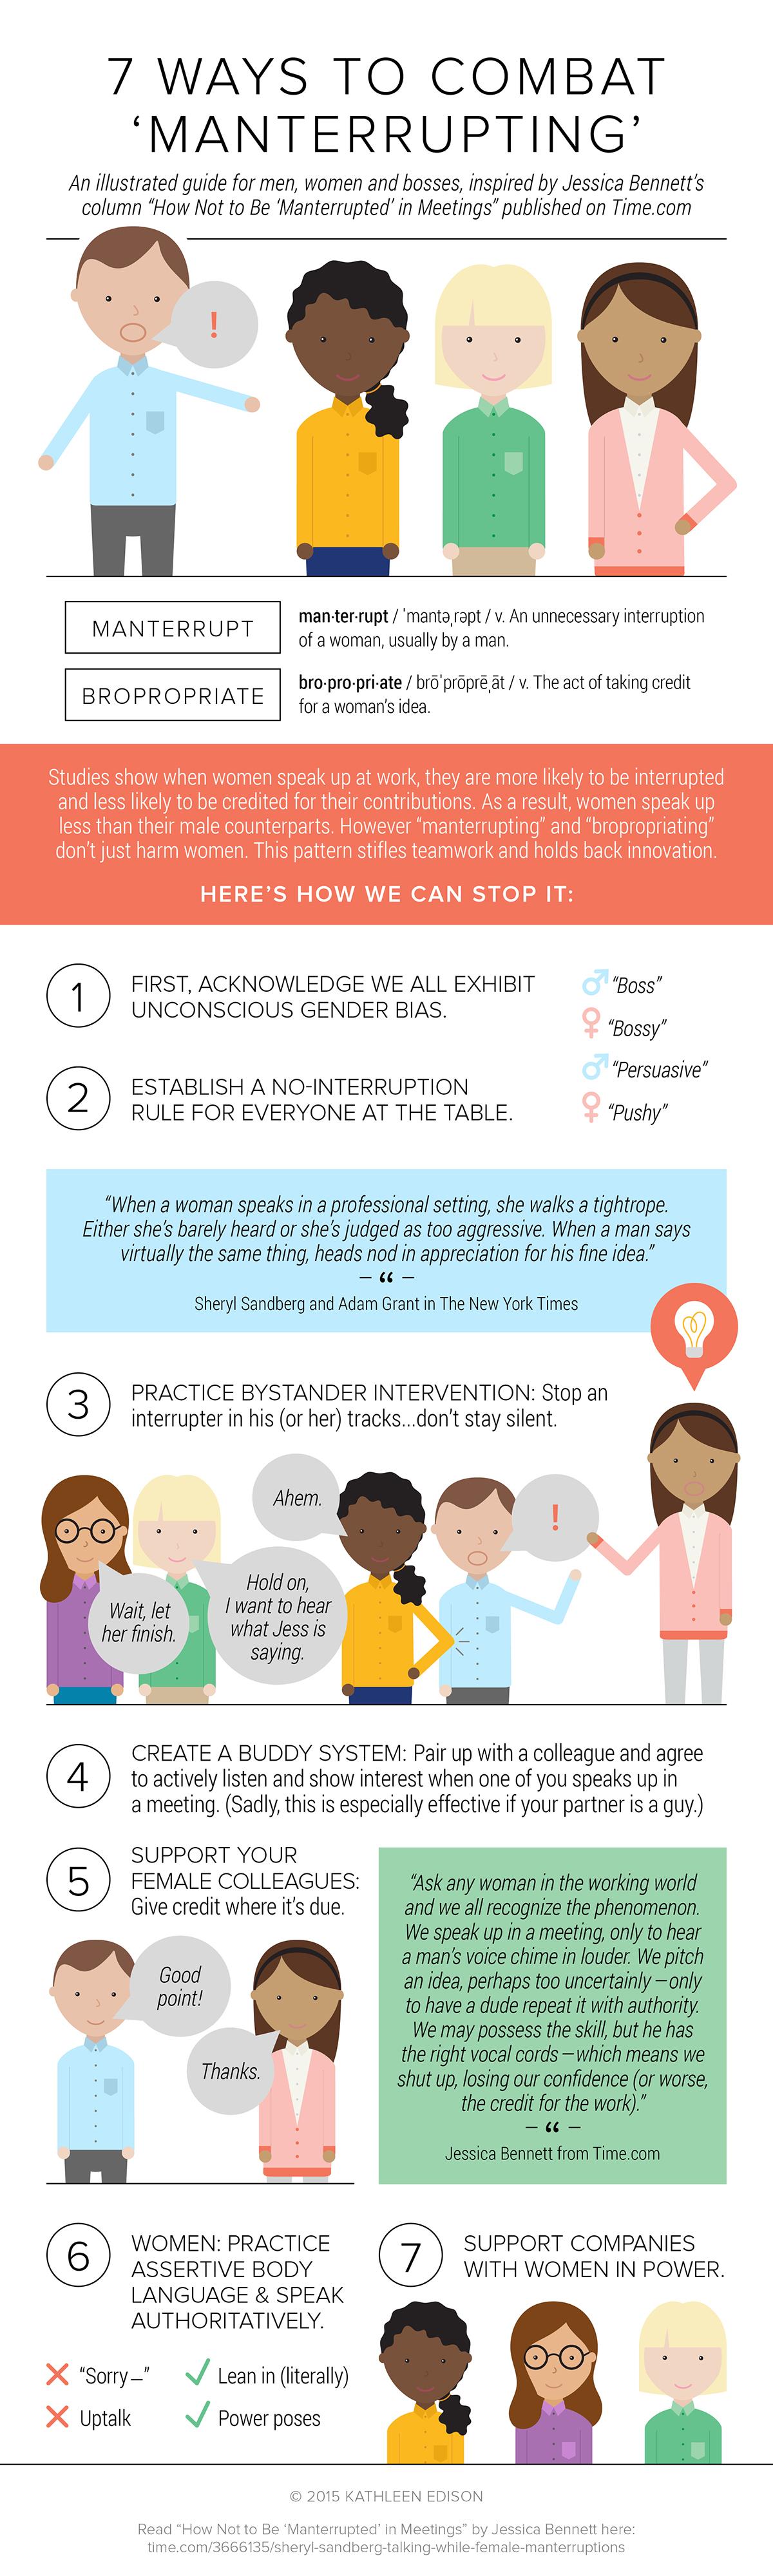 infographic Manterruption Bropropriation Guide Women at work gender bias sociology speak up men women workplace Jessica Bennett Sheryl Sandberg Time Magazine Lean In